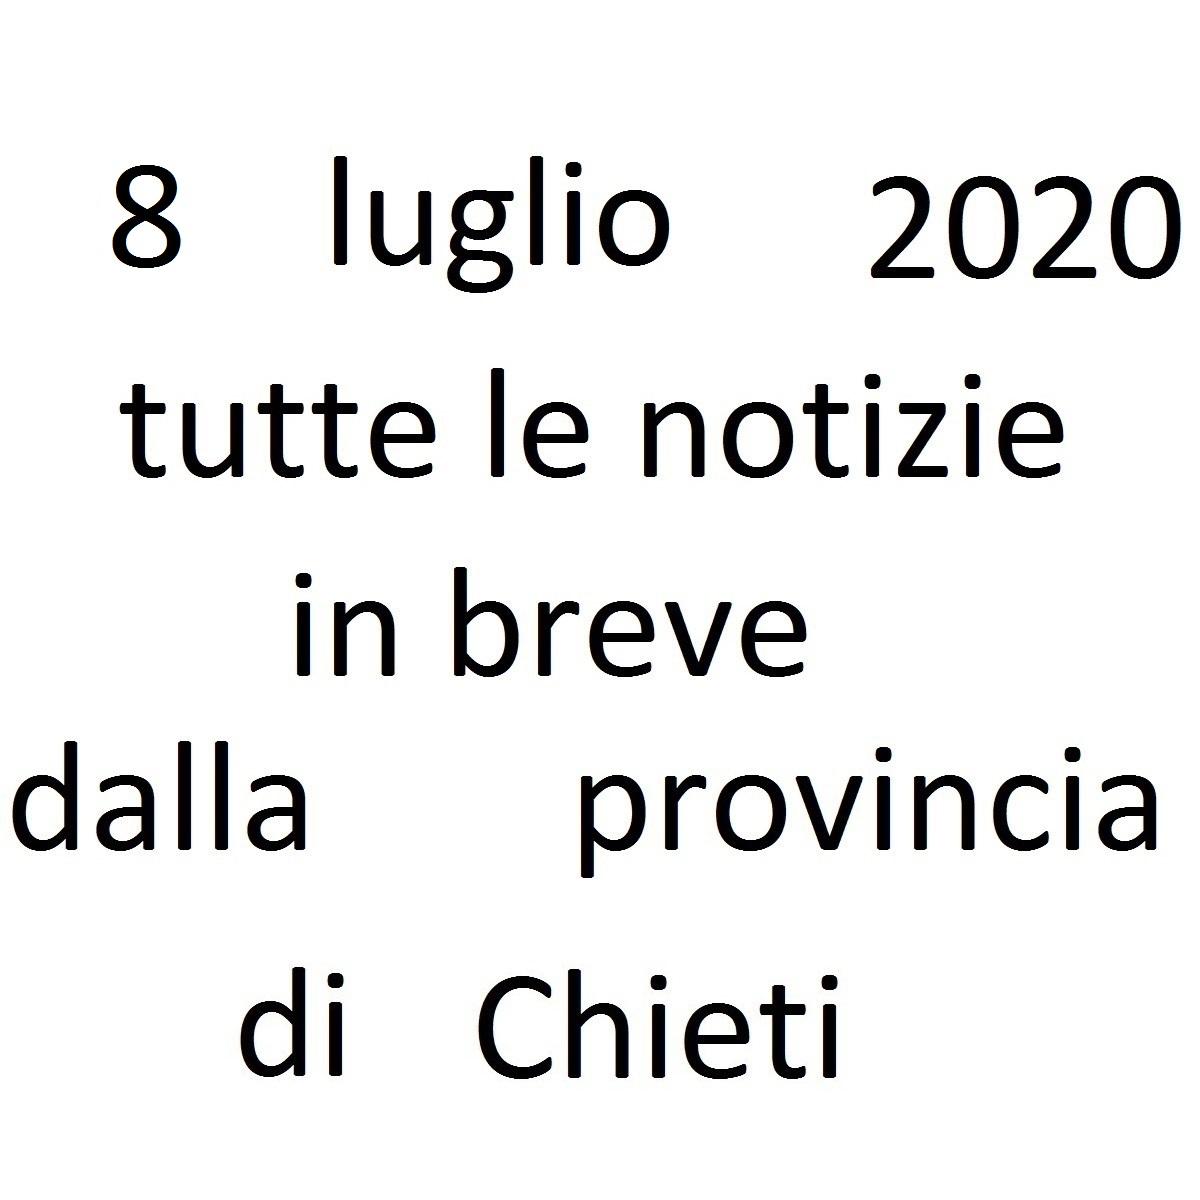 8 luglio 2020 notizie in breve dalla Provincia di Chieti foto